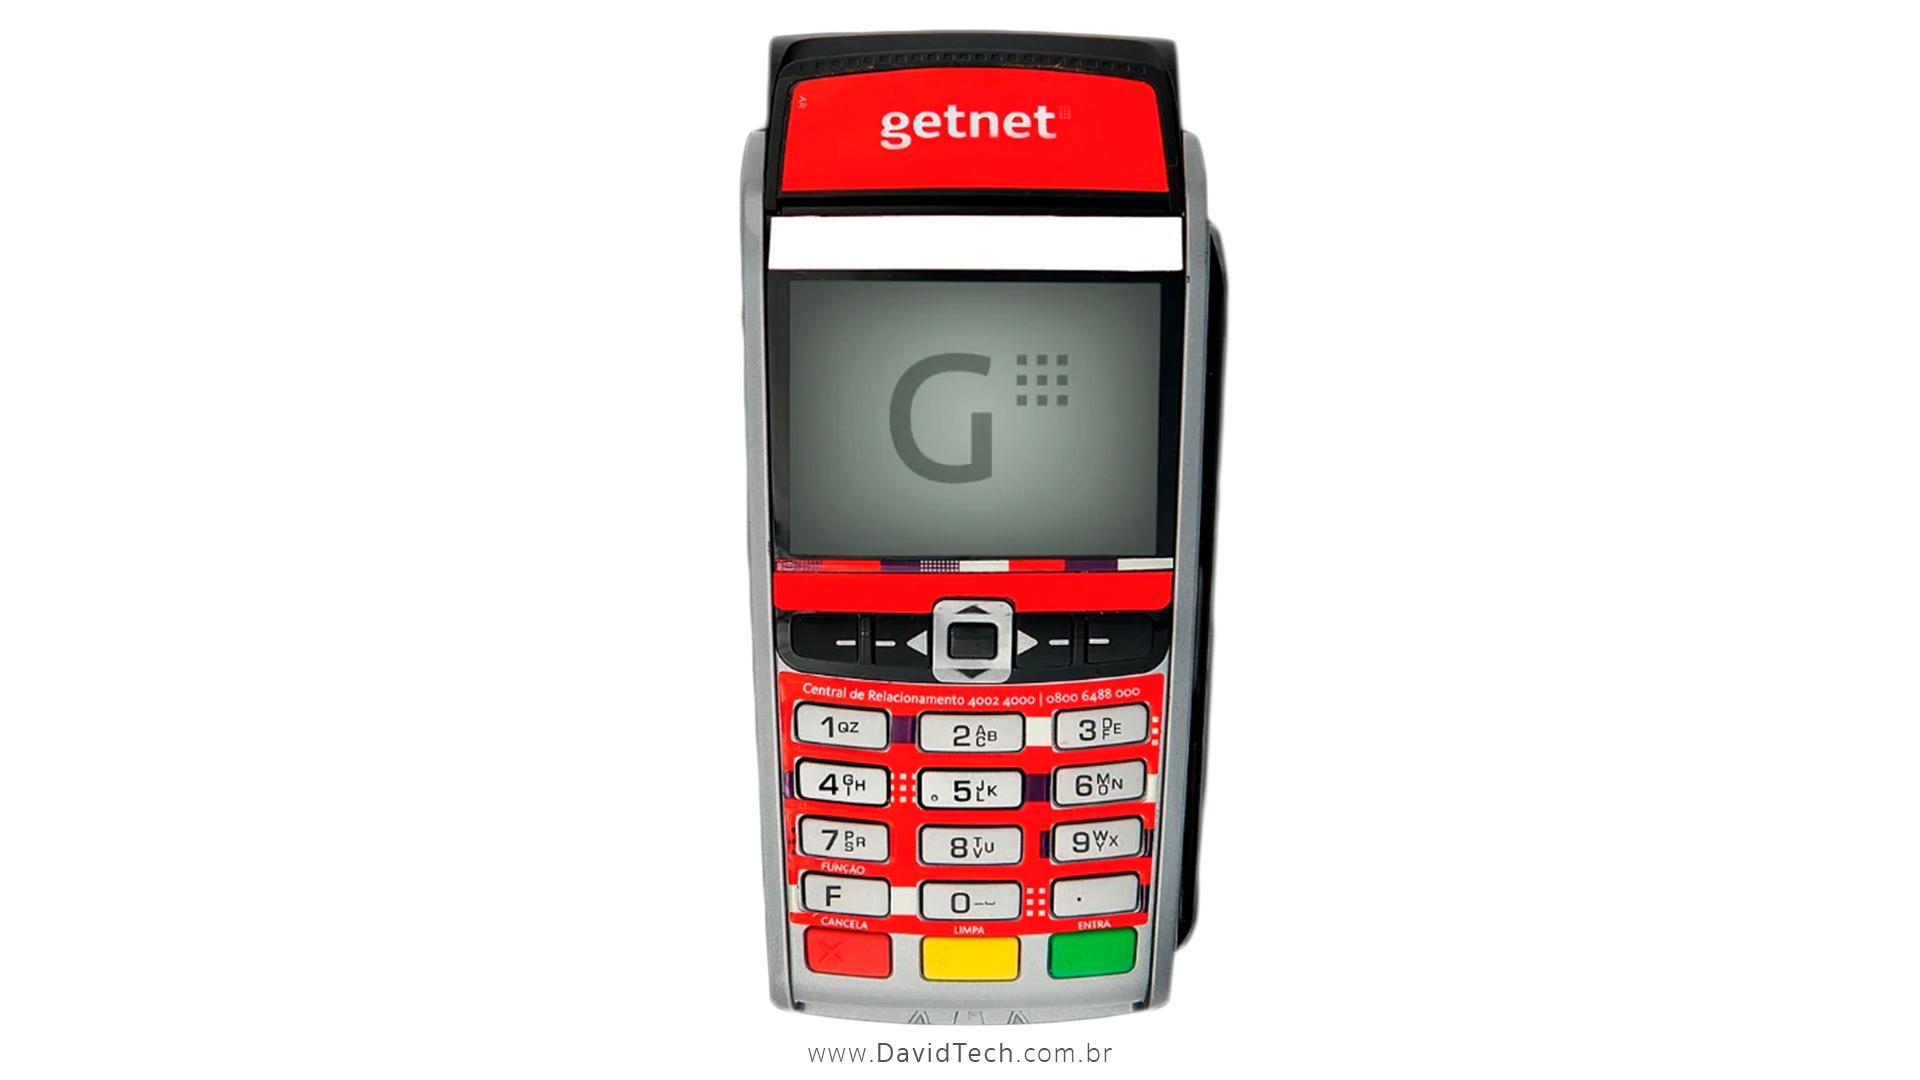 superget renova - máquina de cartão Getnet